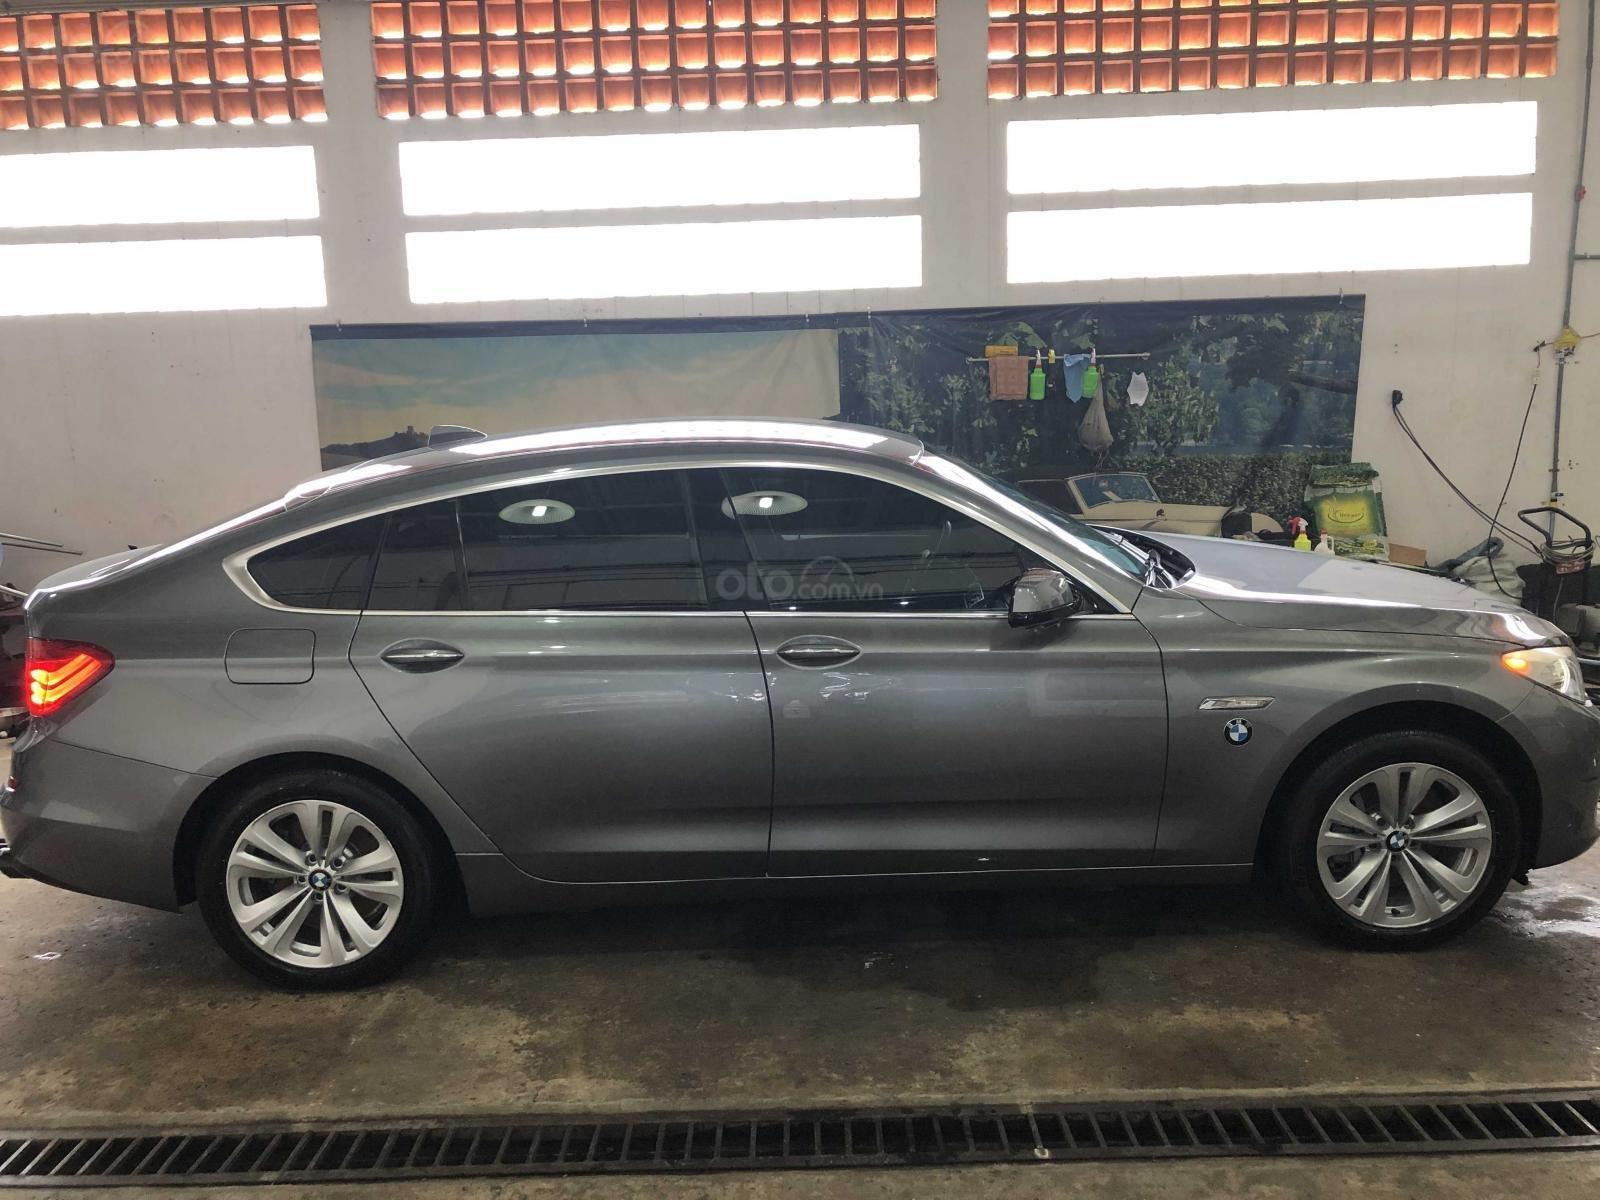 Cần bán BMW 535i GT SX 2010 siu mới (14)